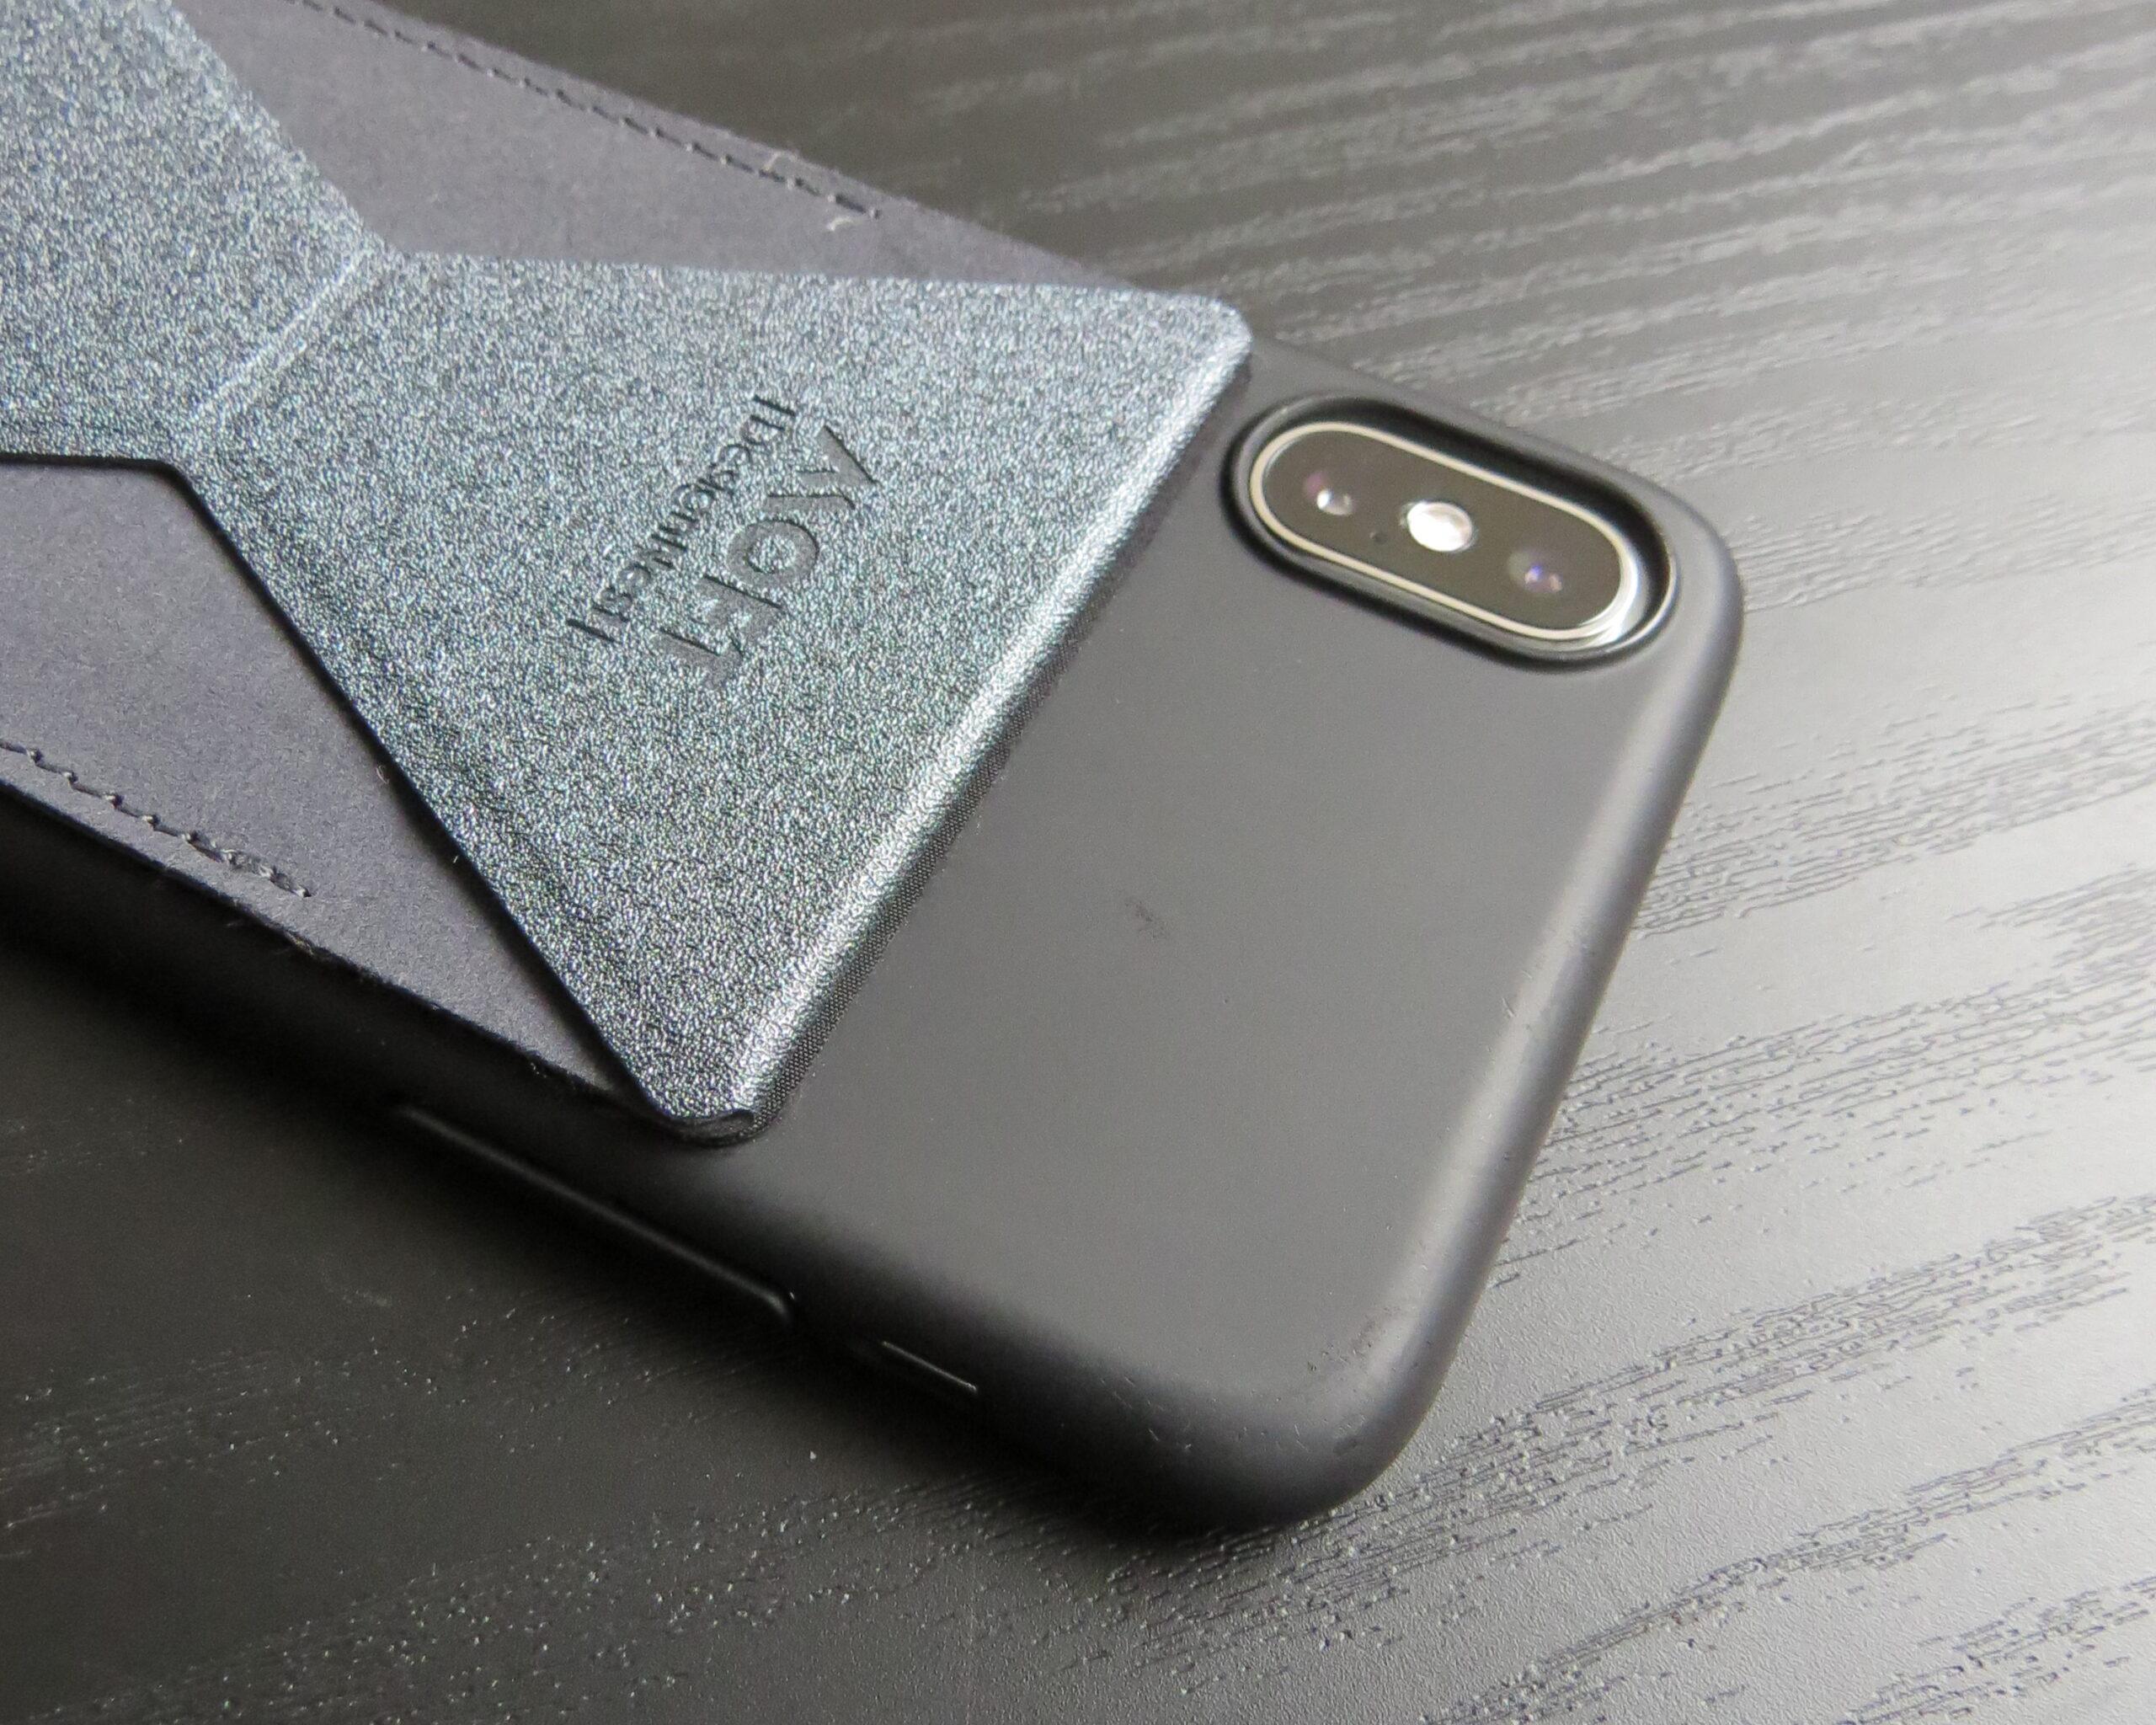 MOFT XとiPhoneのカメラ境目